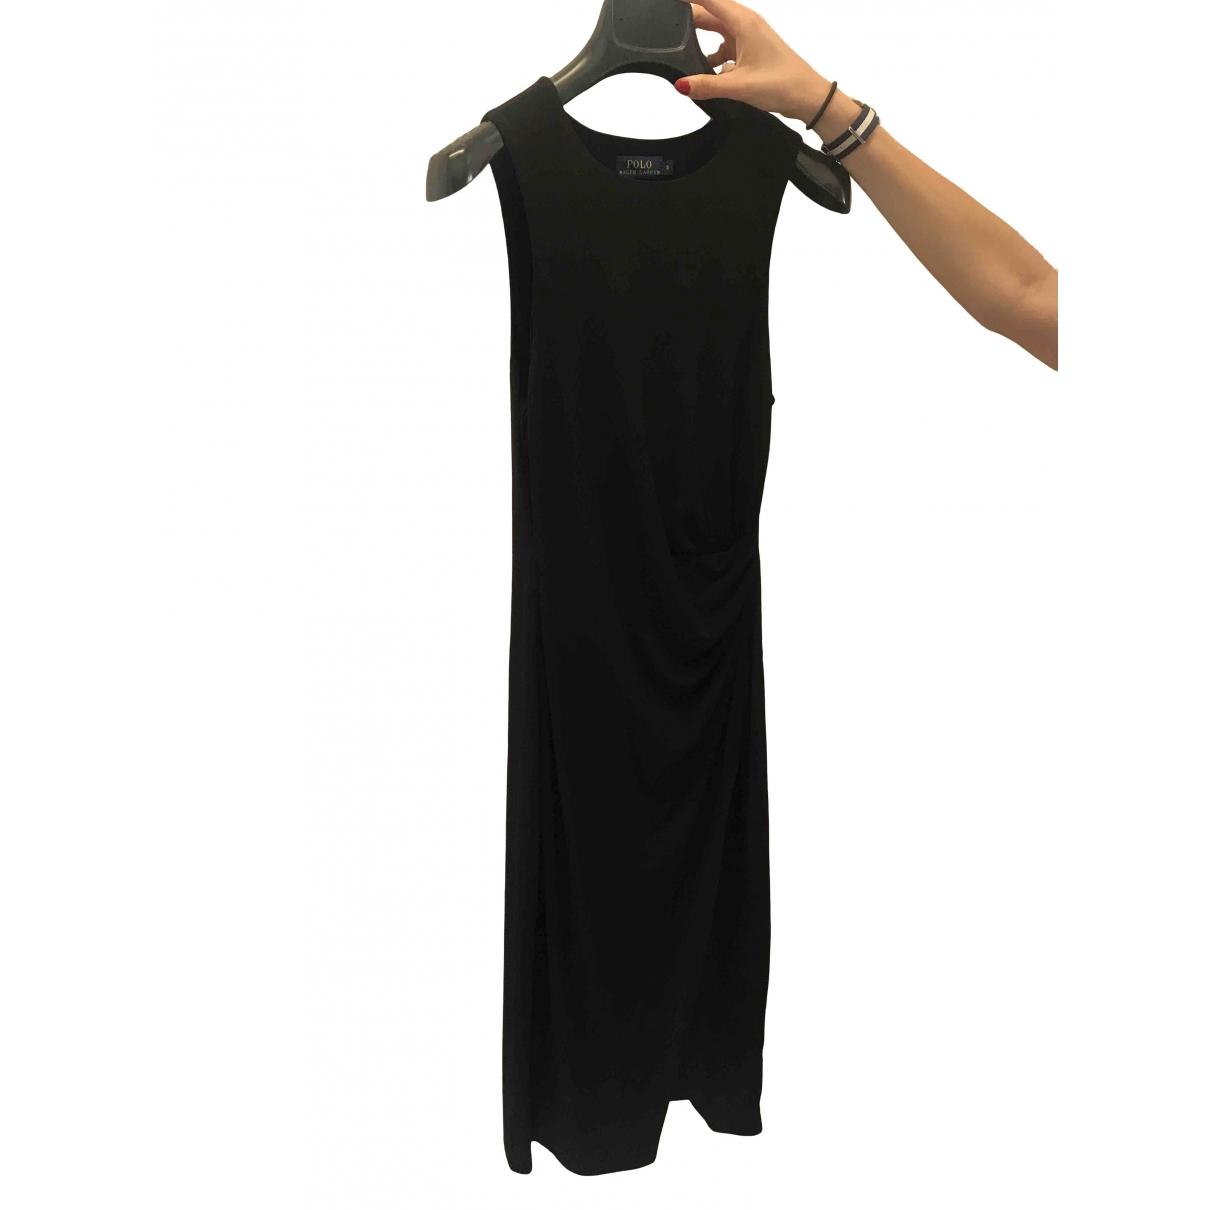 Polo Ralph Lauren - Robe   pour femme - noir